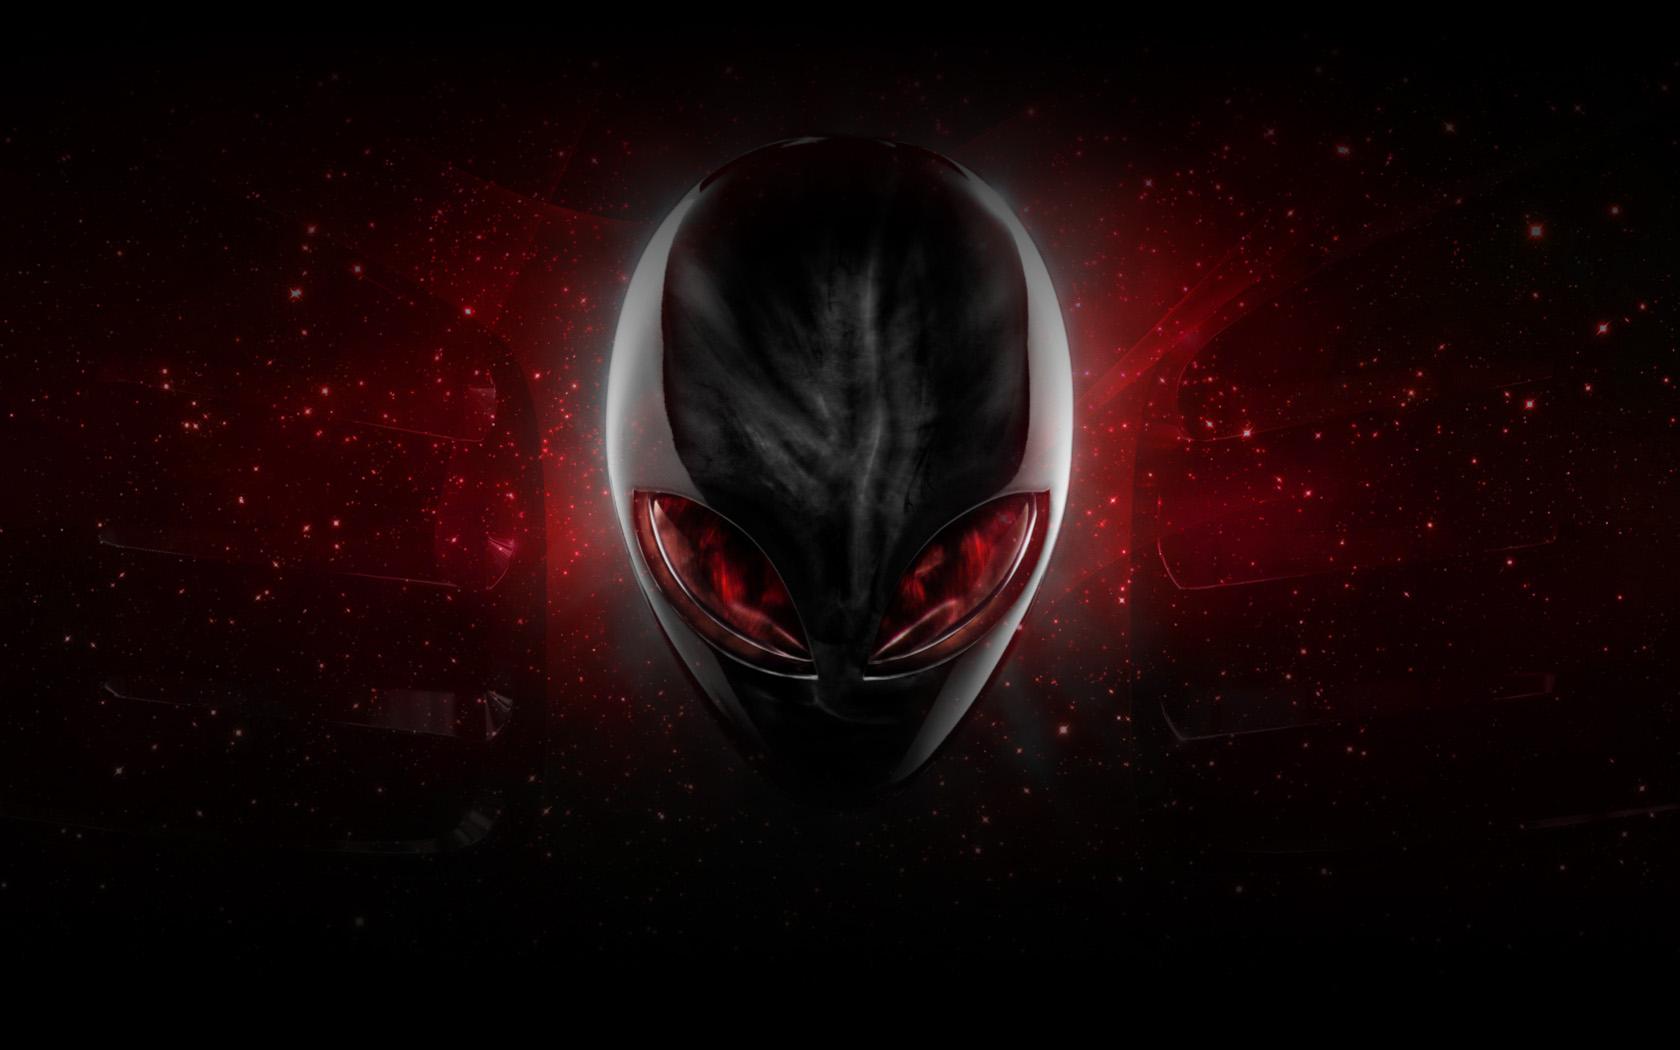 Alienware Wallpaper Hd 1080p 1680x1050